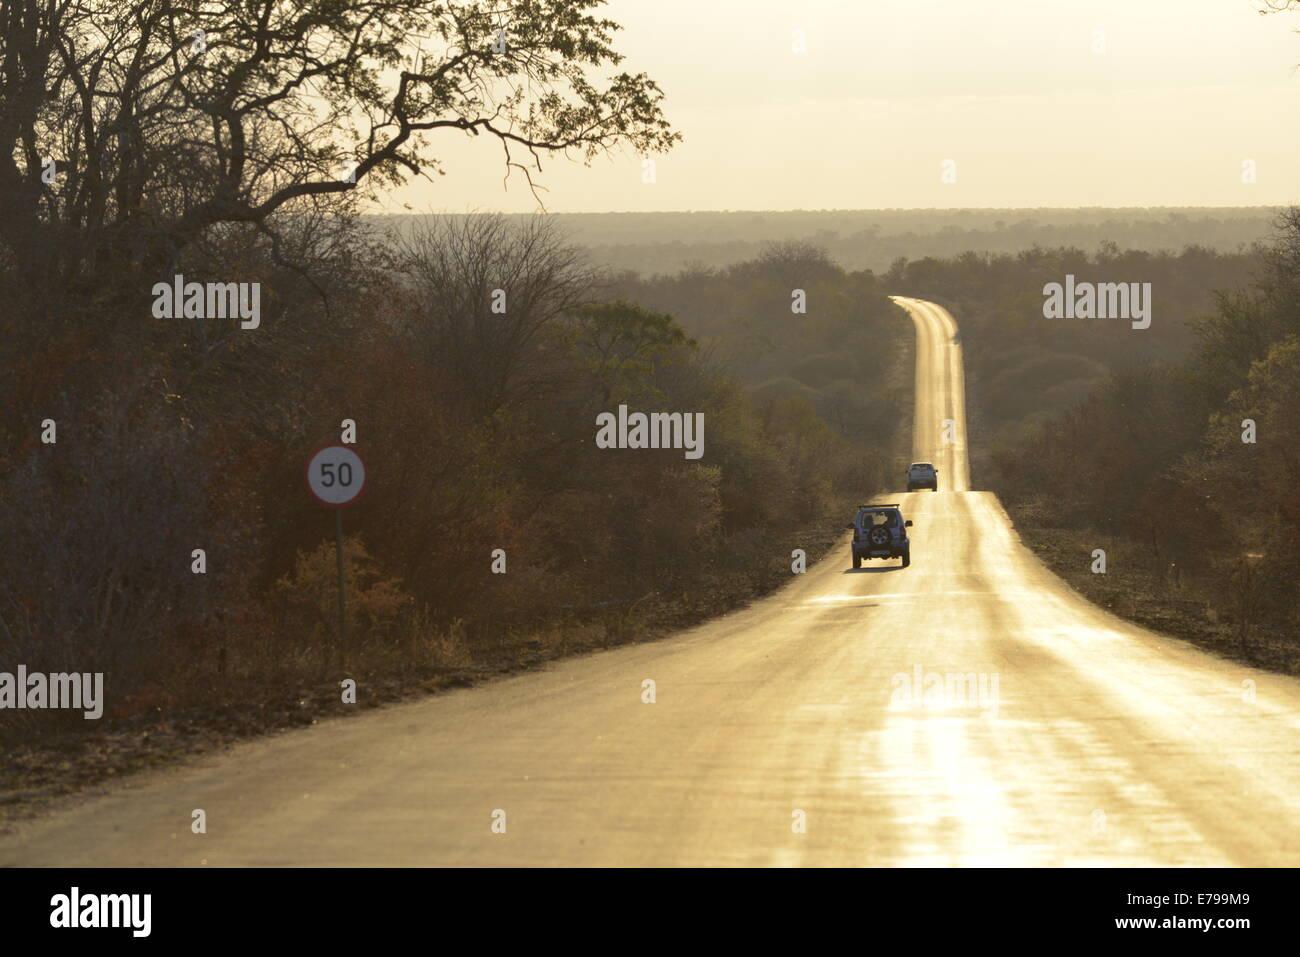 Juego de visualización a larga y serpenteante carretera al atardecer, el Parque Nacional Kruger, Sudáfrica Foto de stock